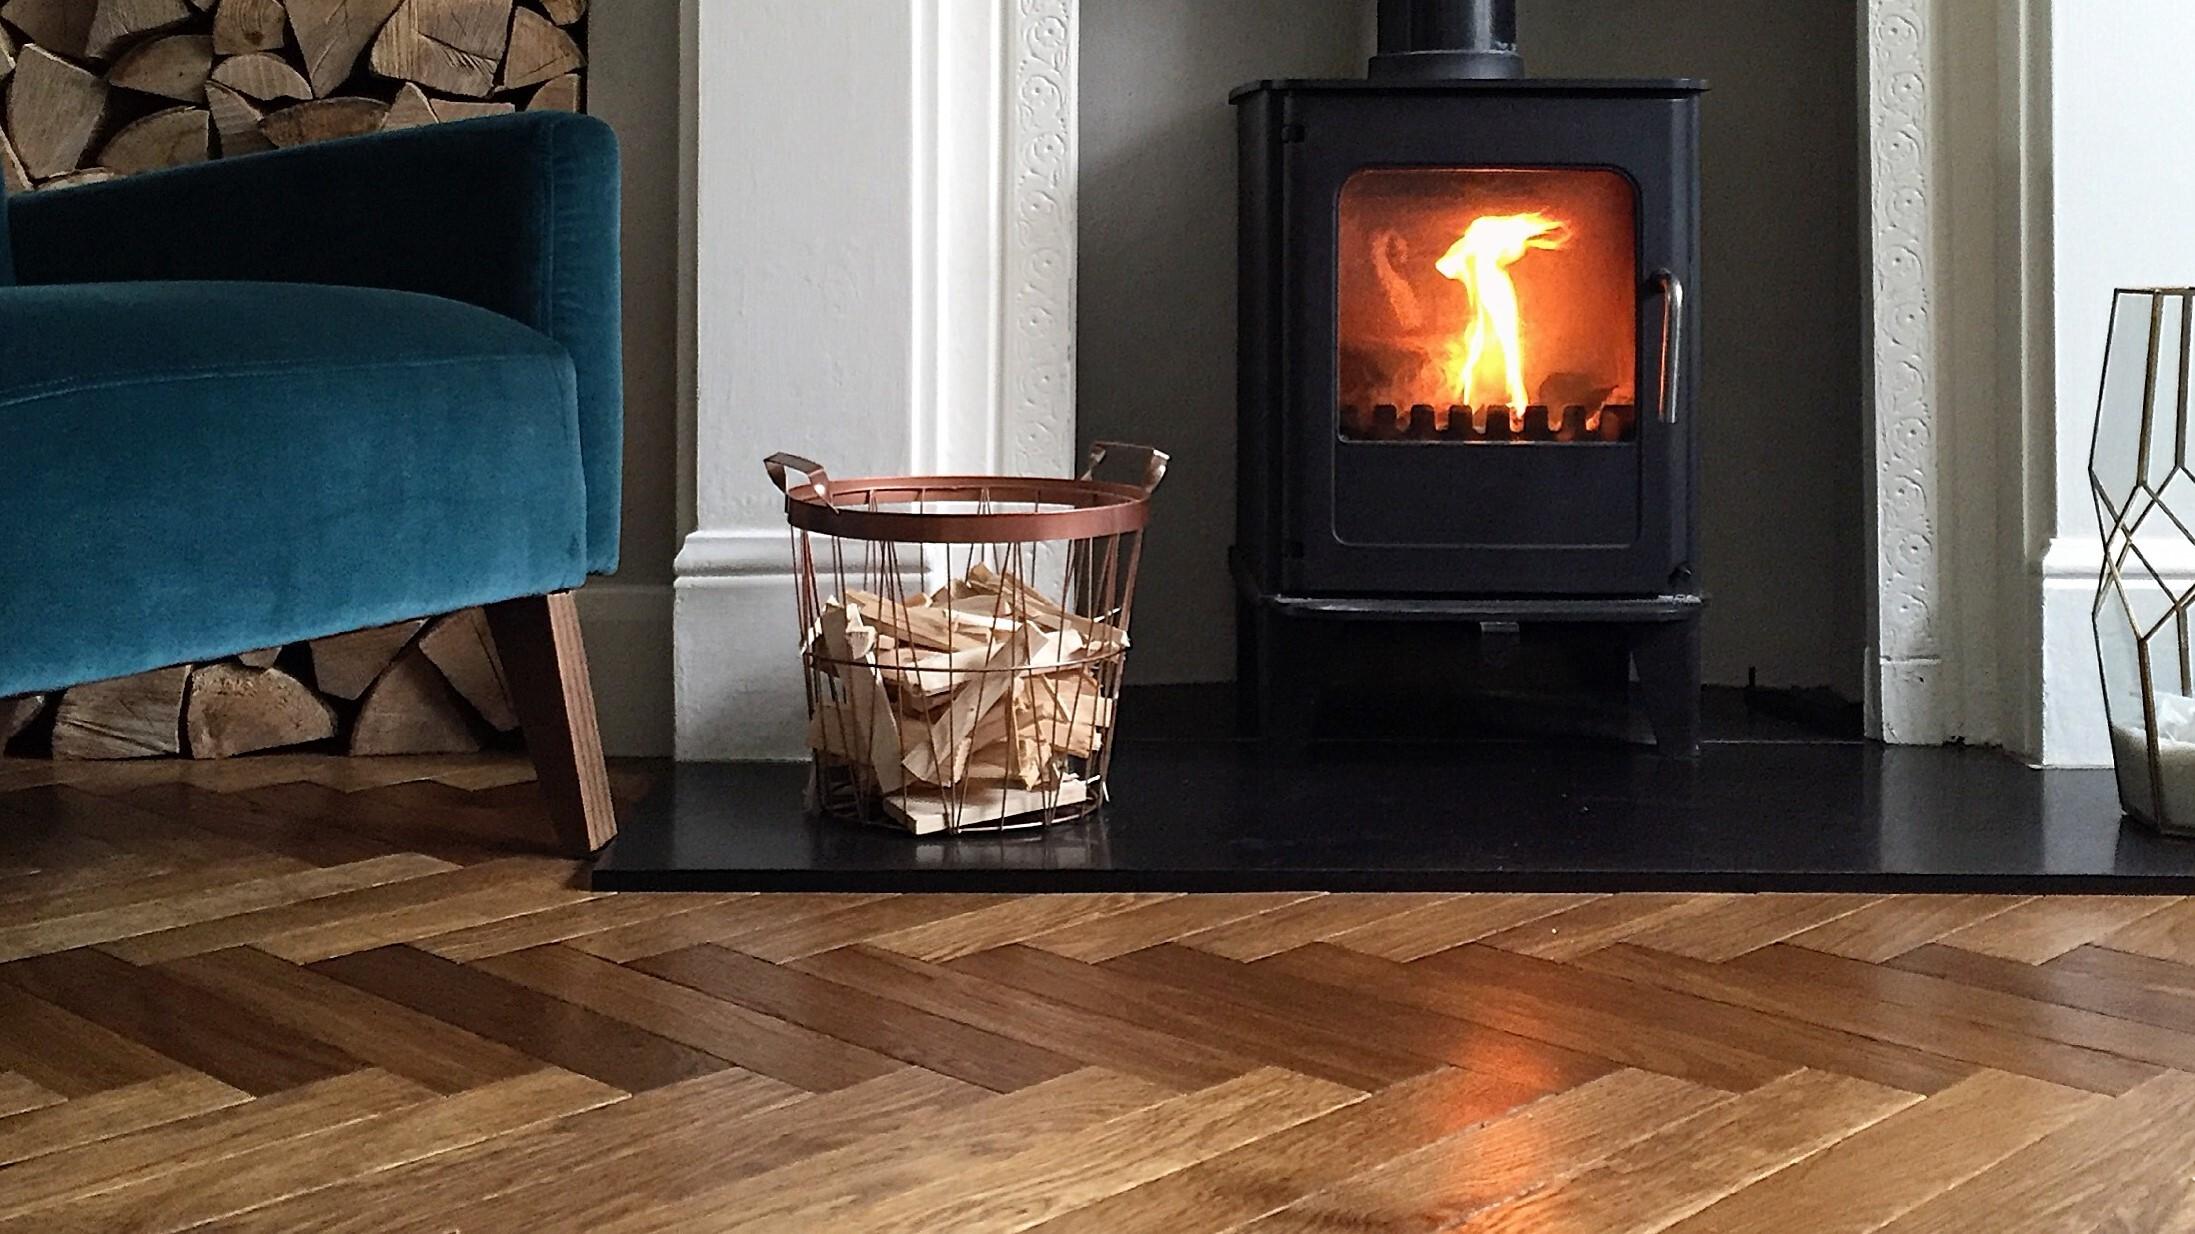 Landmark Dalton herringbone floor with blue velvet chair and wood burner